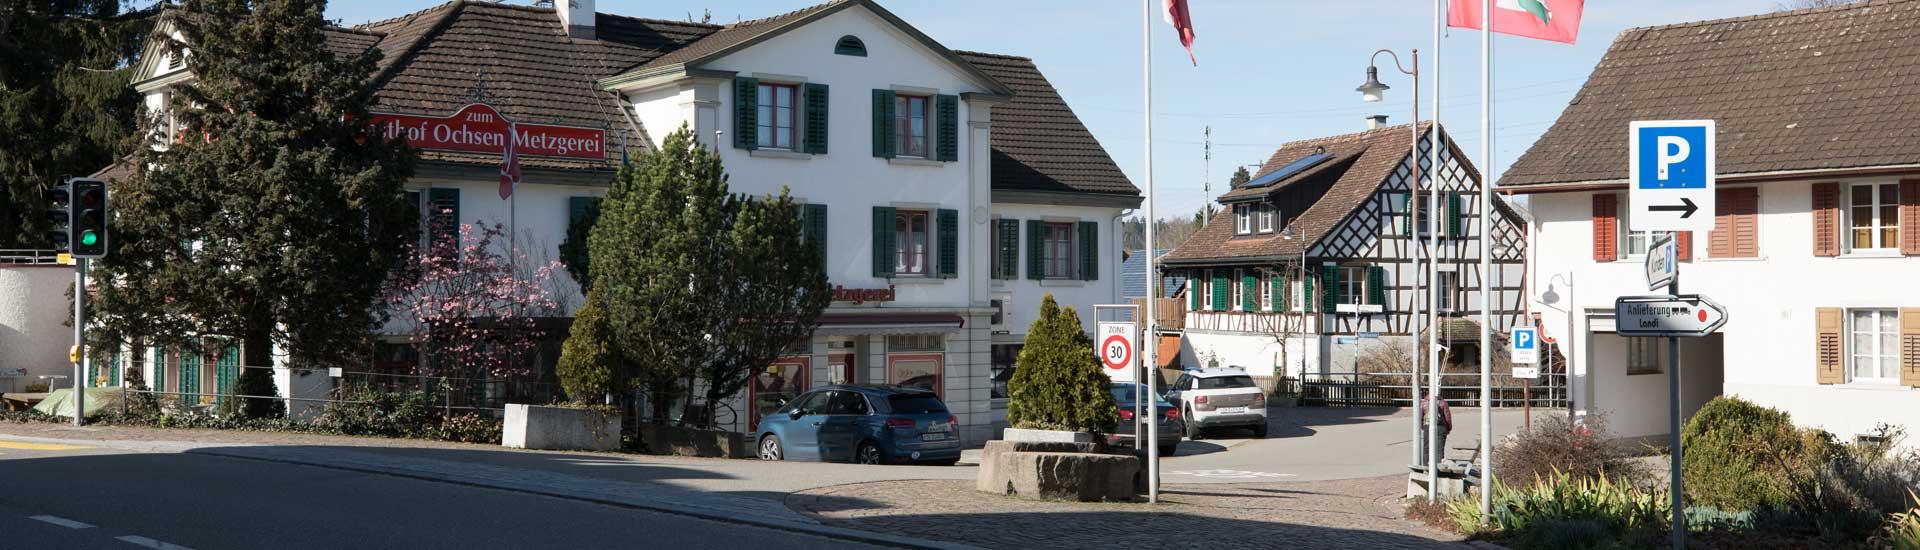 Dorfplatz Islikon